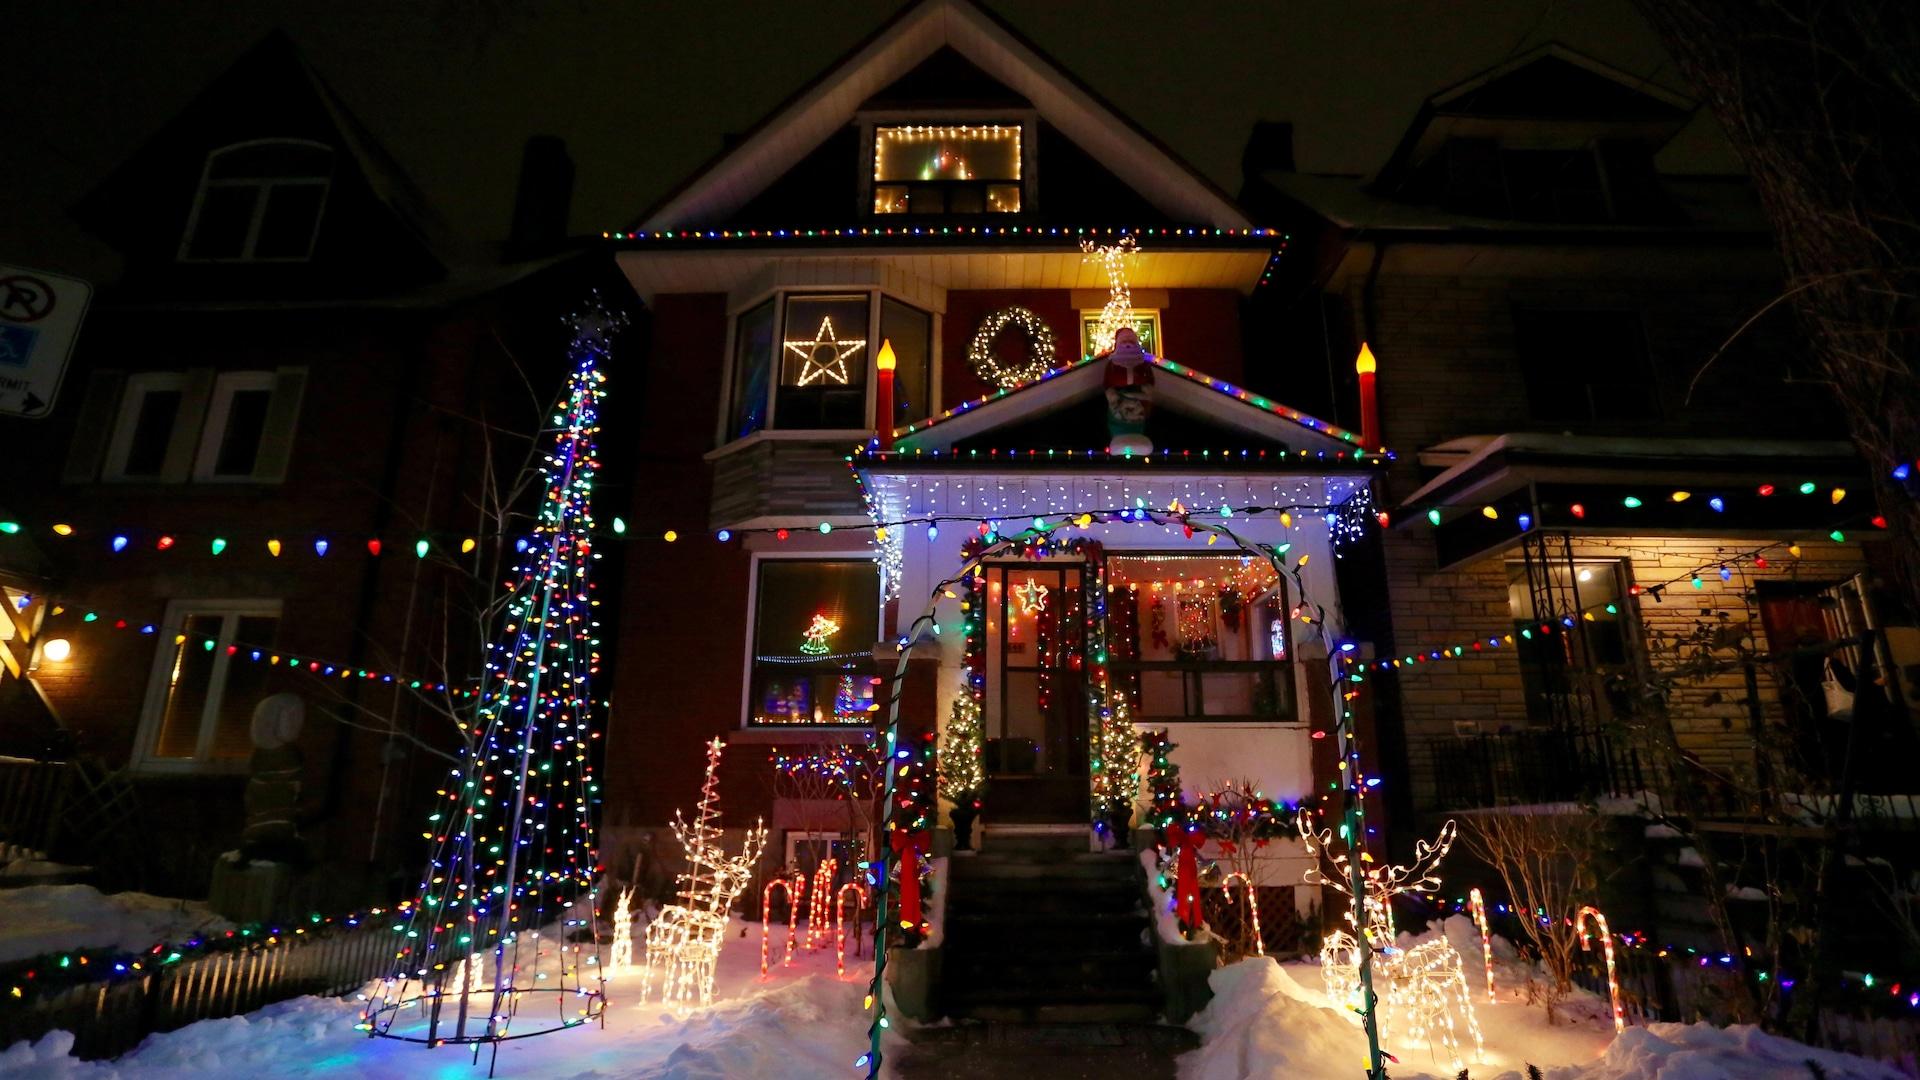 Photo de la maison avec un sapin, des rênes, d'énormes bougies, des guirlandes électriques et autres lumières.